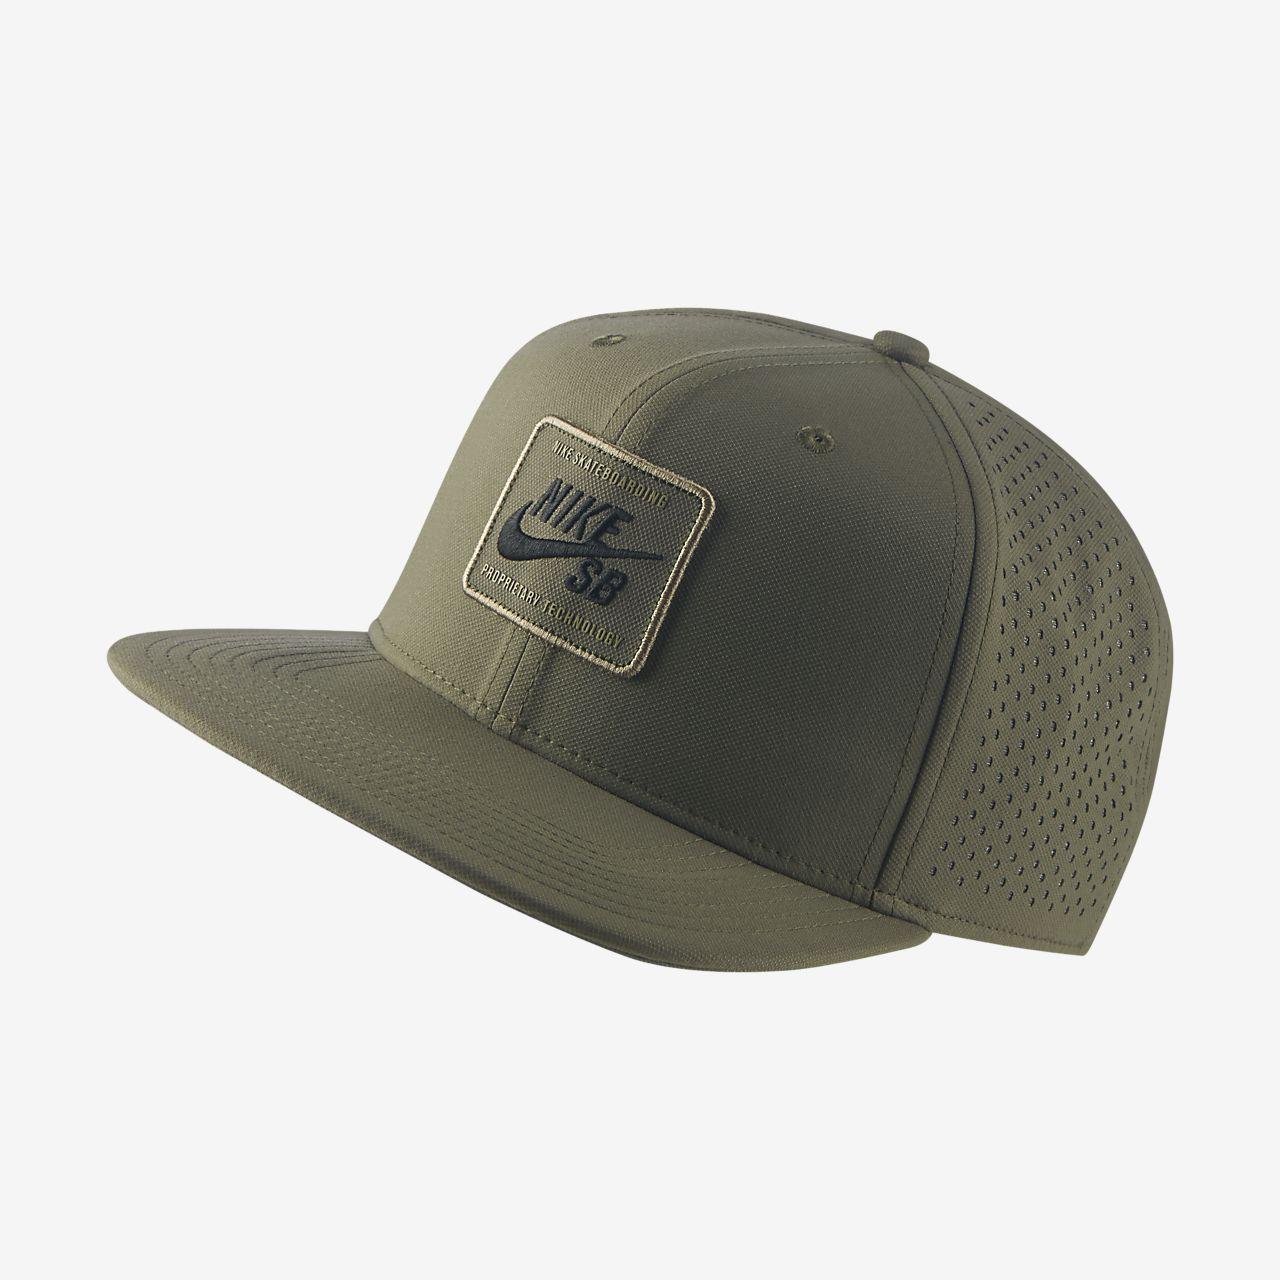 7e35135abde Nike SB AeroBill Pro 2.0 Skate Hat. Nike.com VN